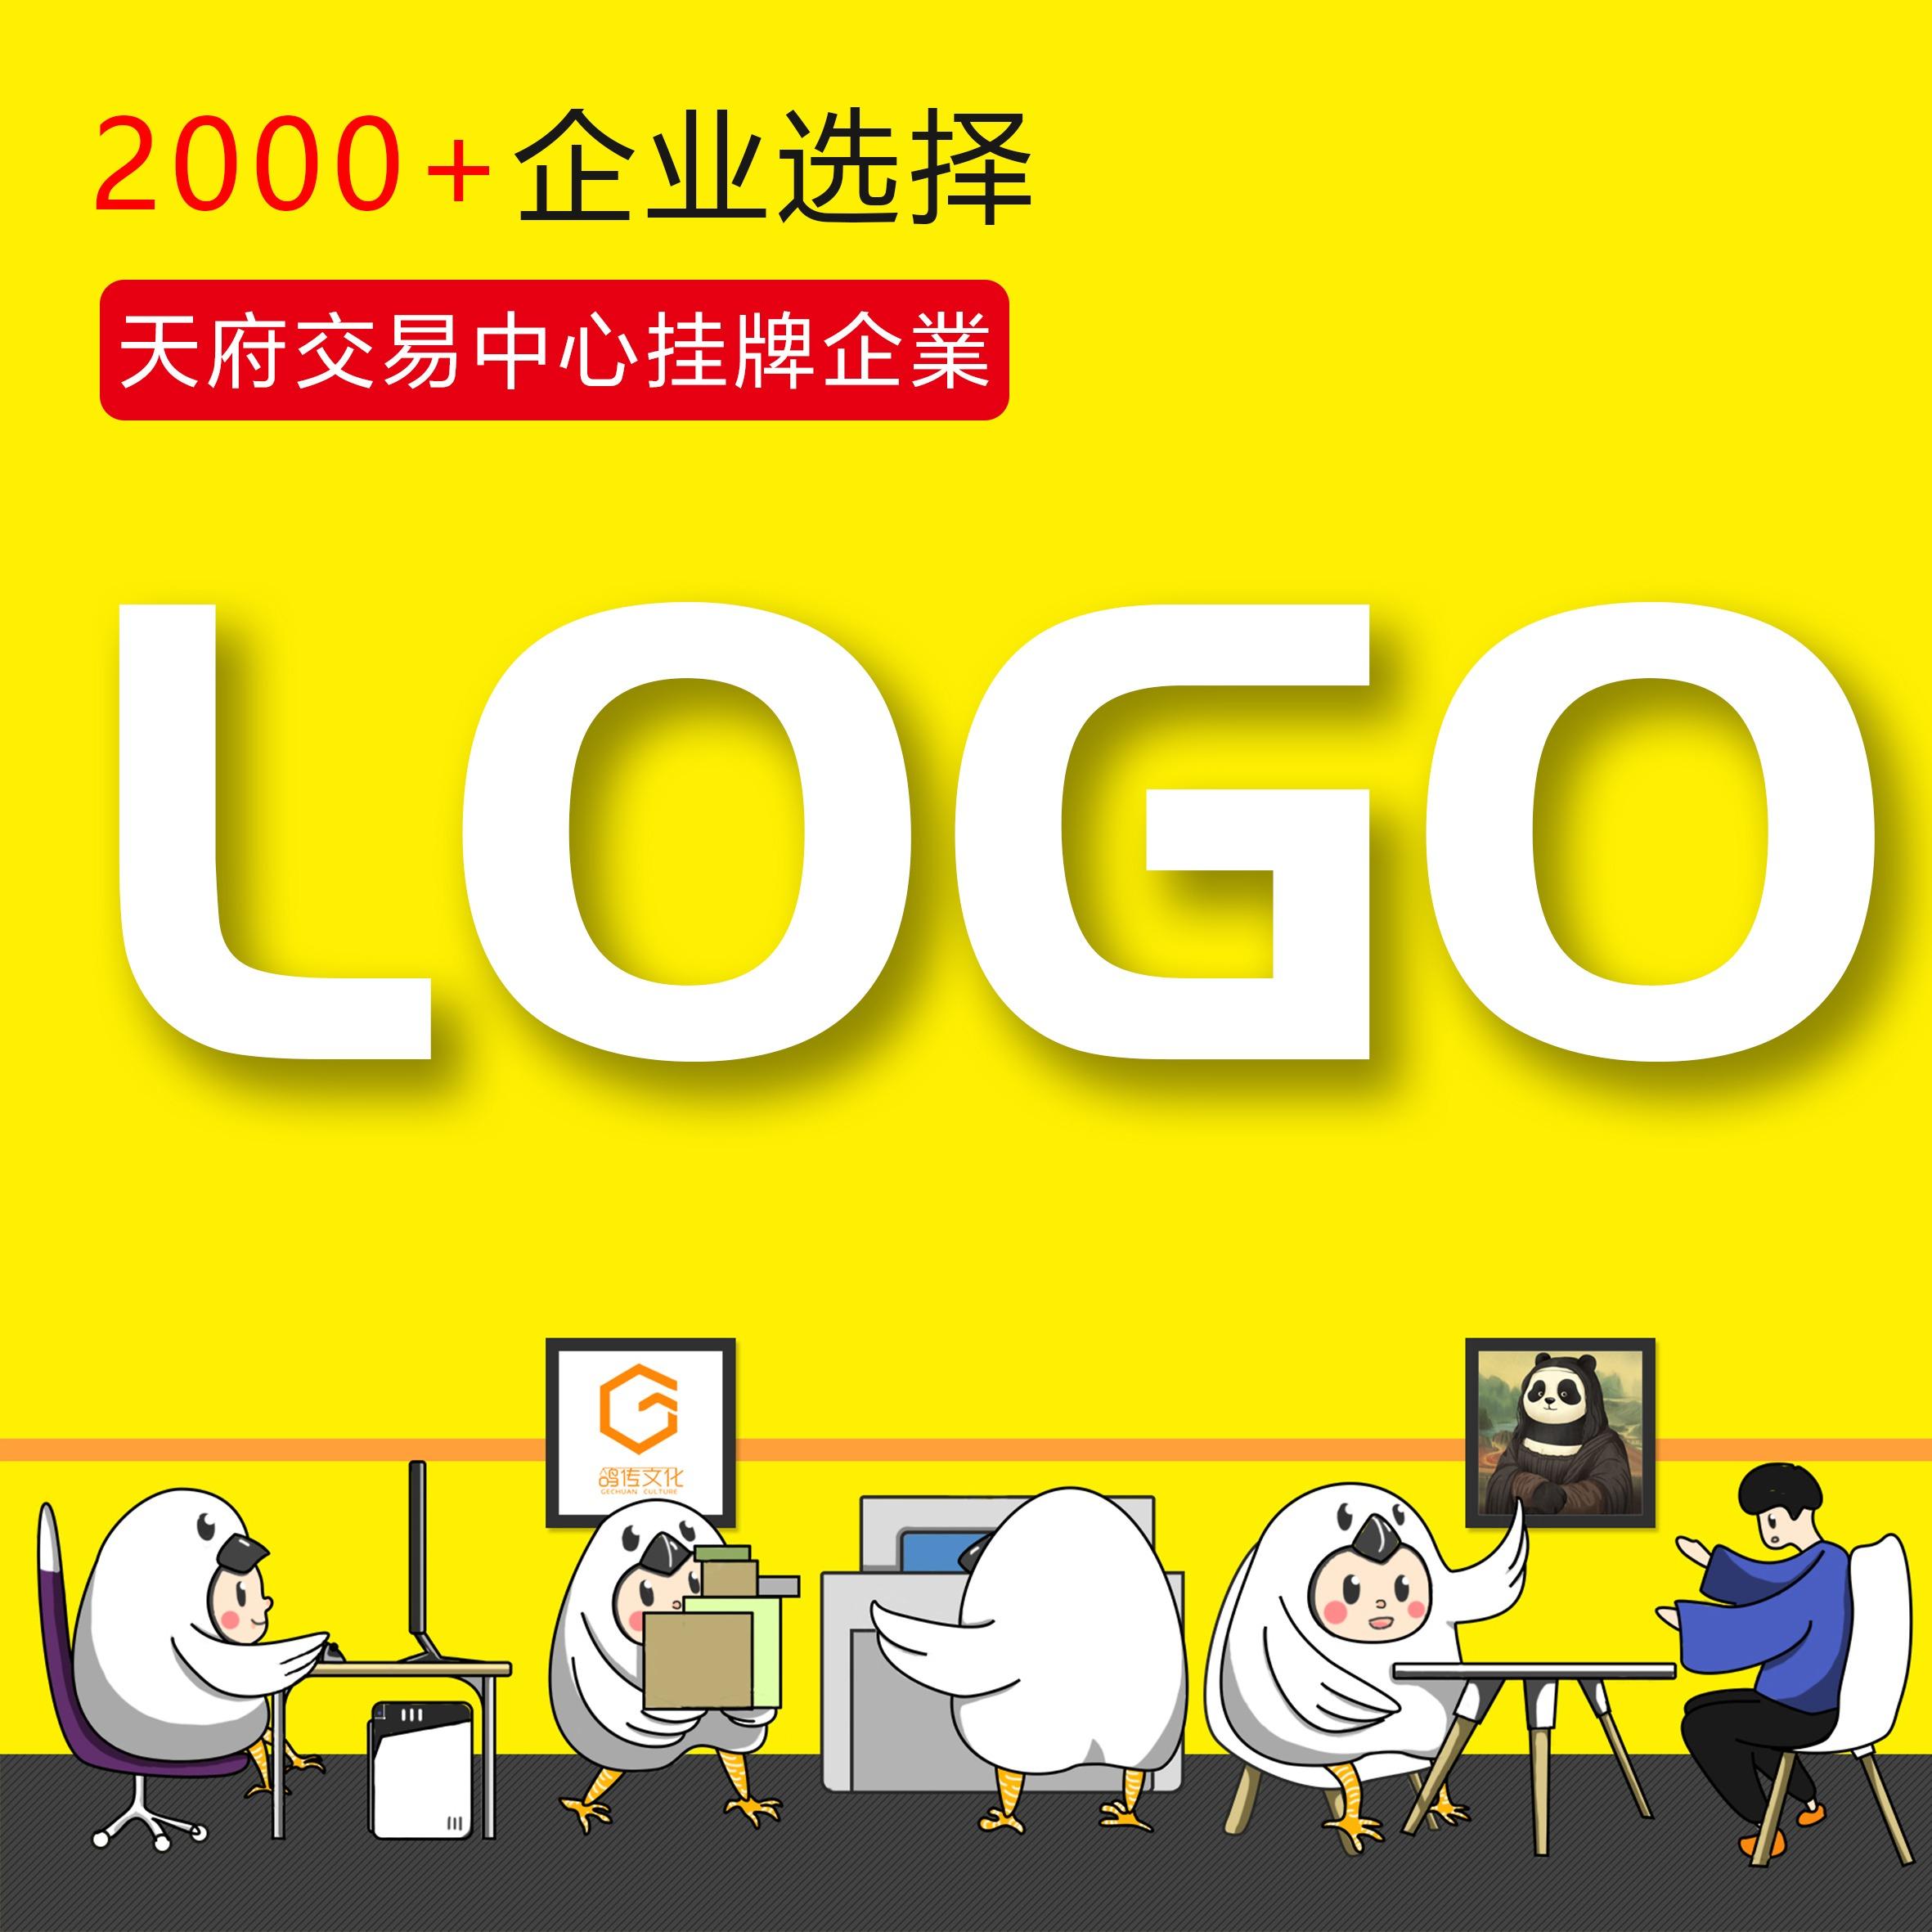 科研互联网通讯科技金融行业品牌图形文字LOGO标志商标设计